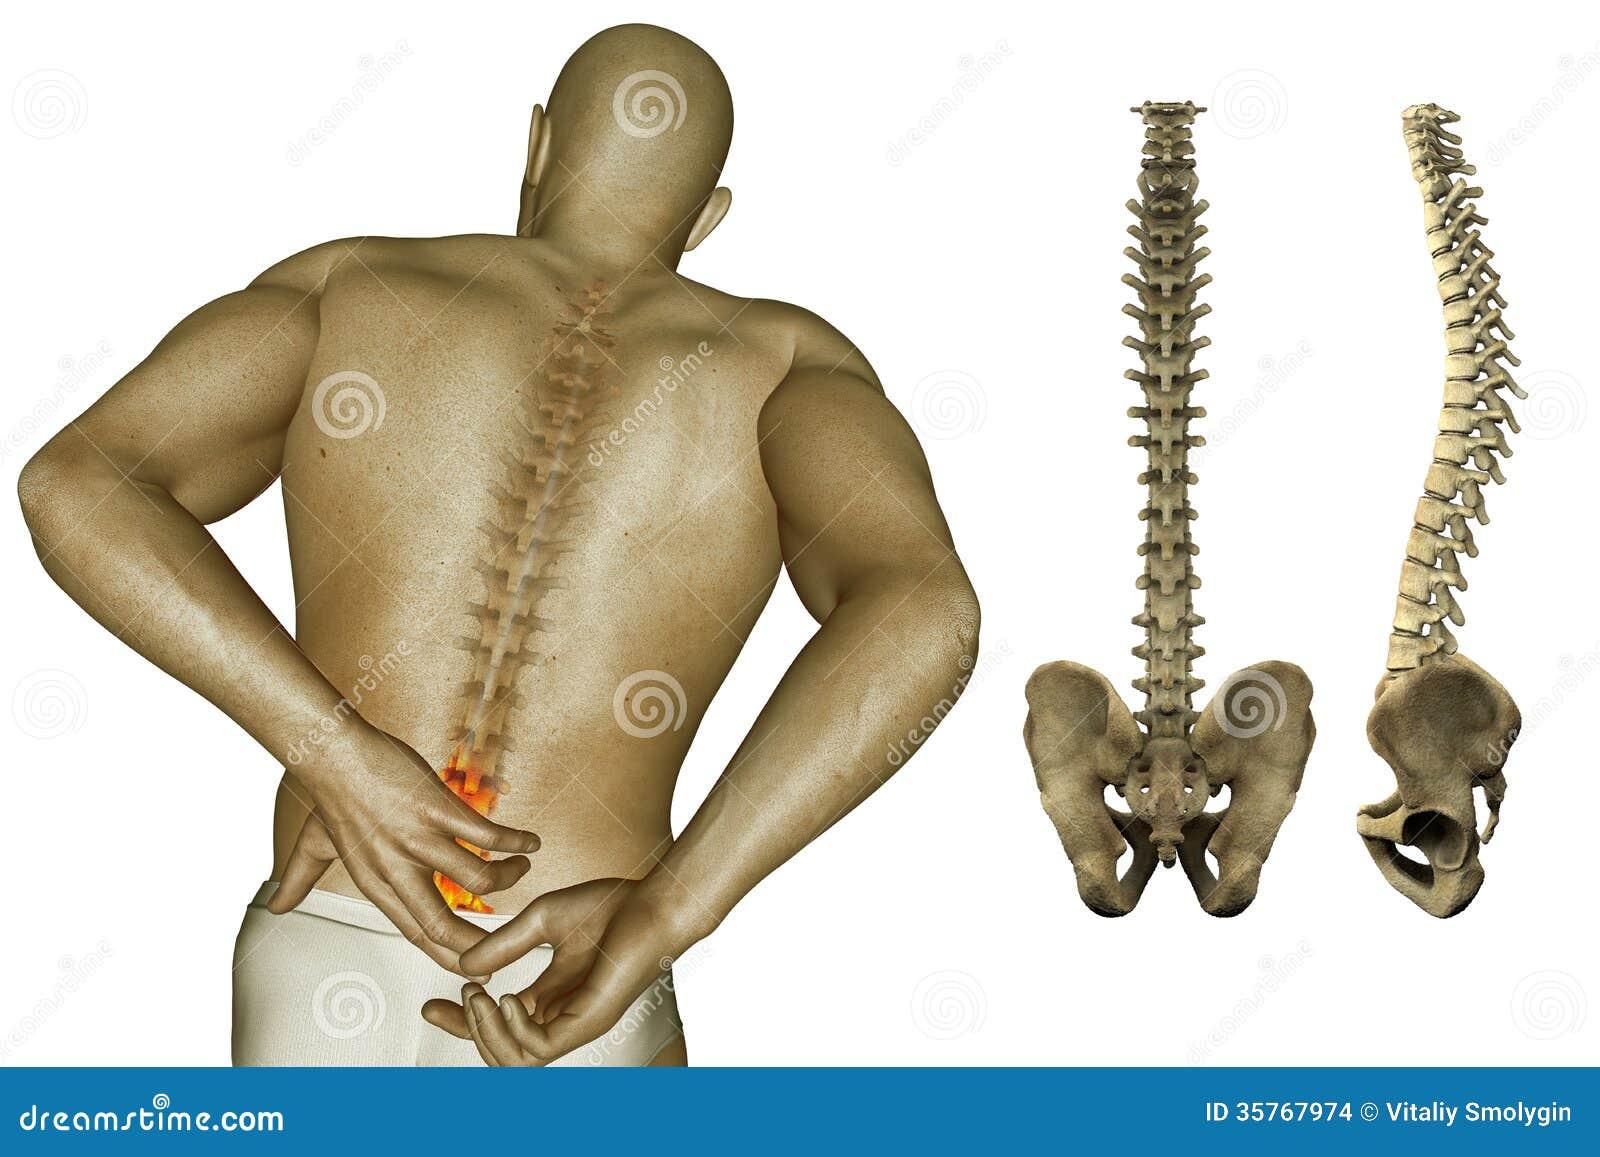 Lujoso Imagen De La Espina Dorsal Humana Modelo - Anatomía de Las ...